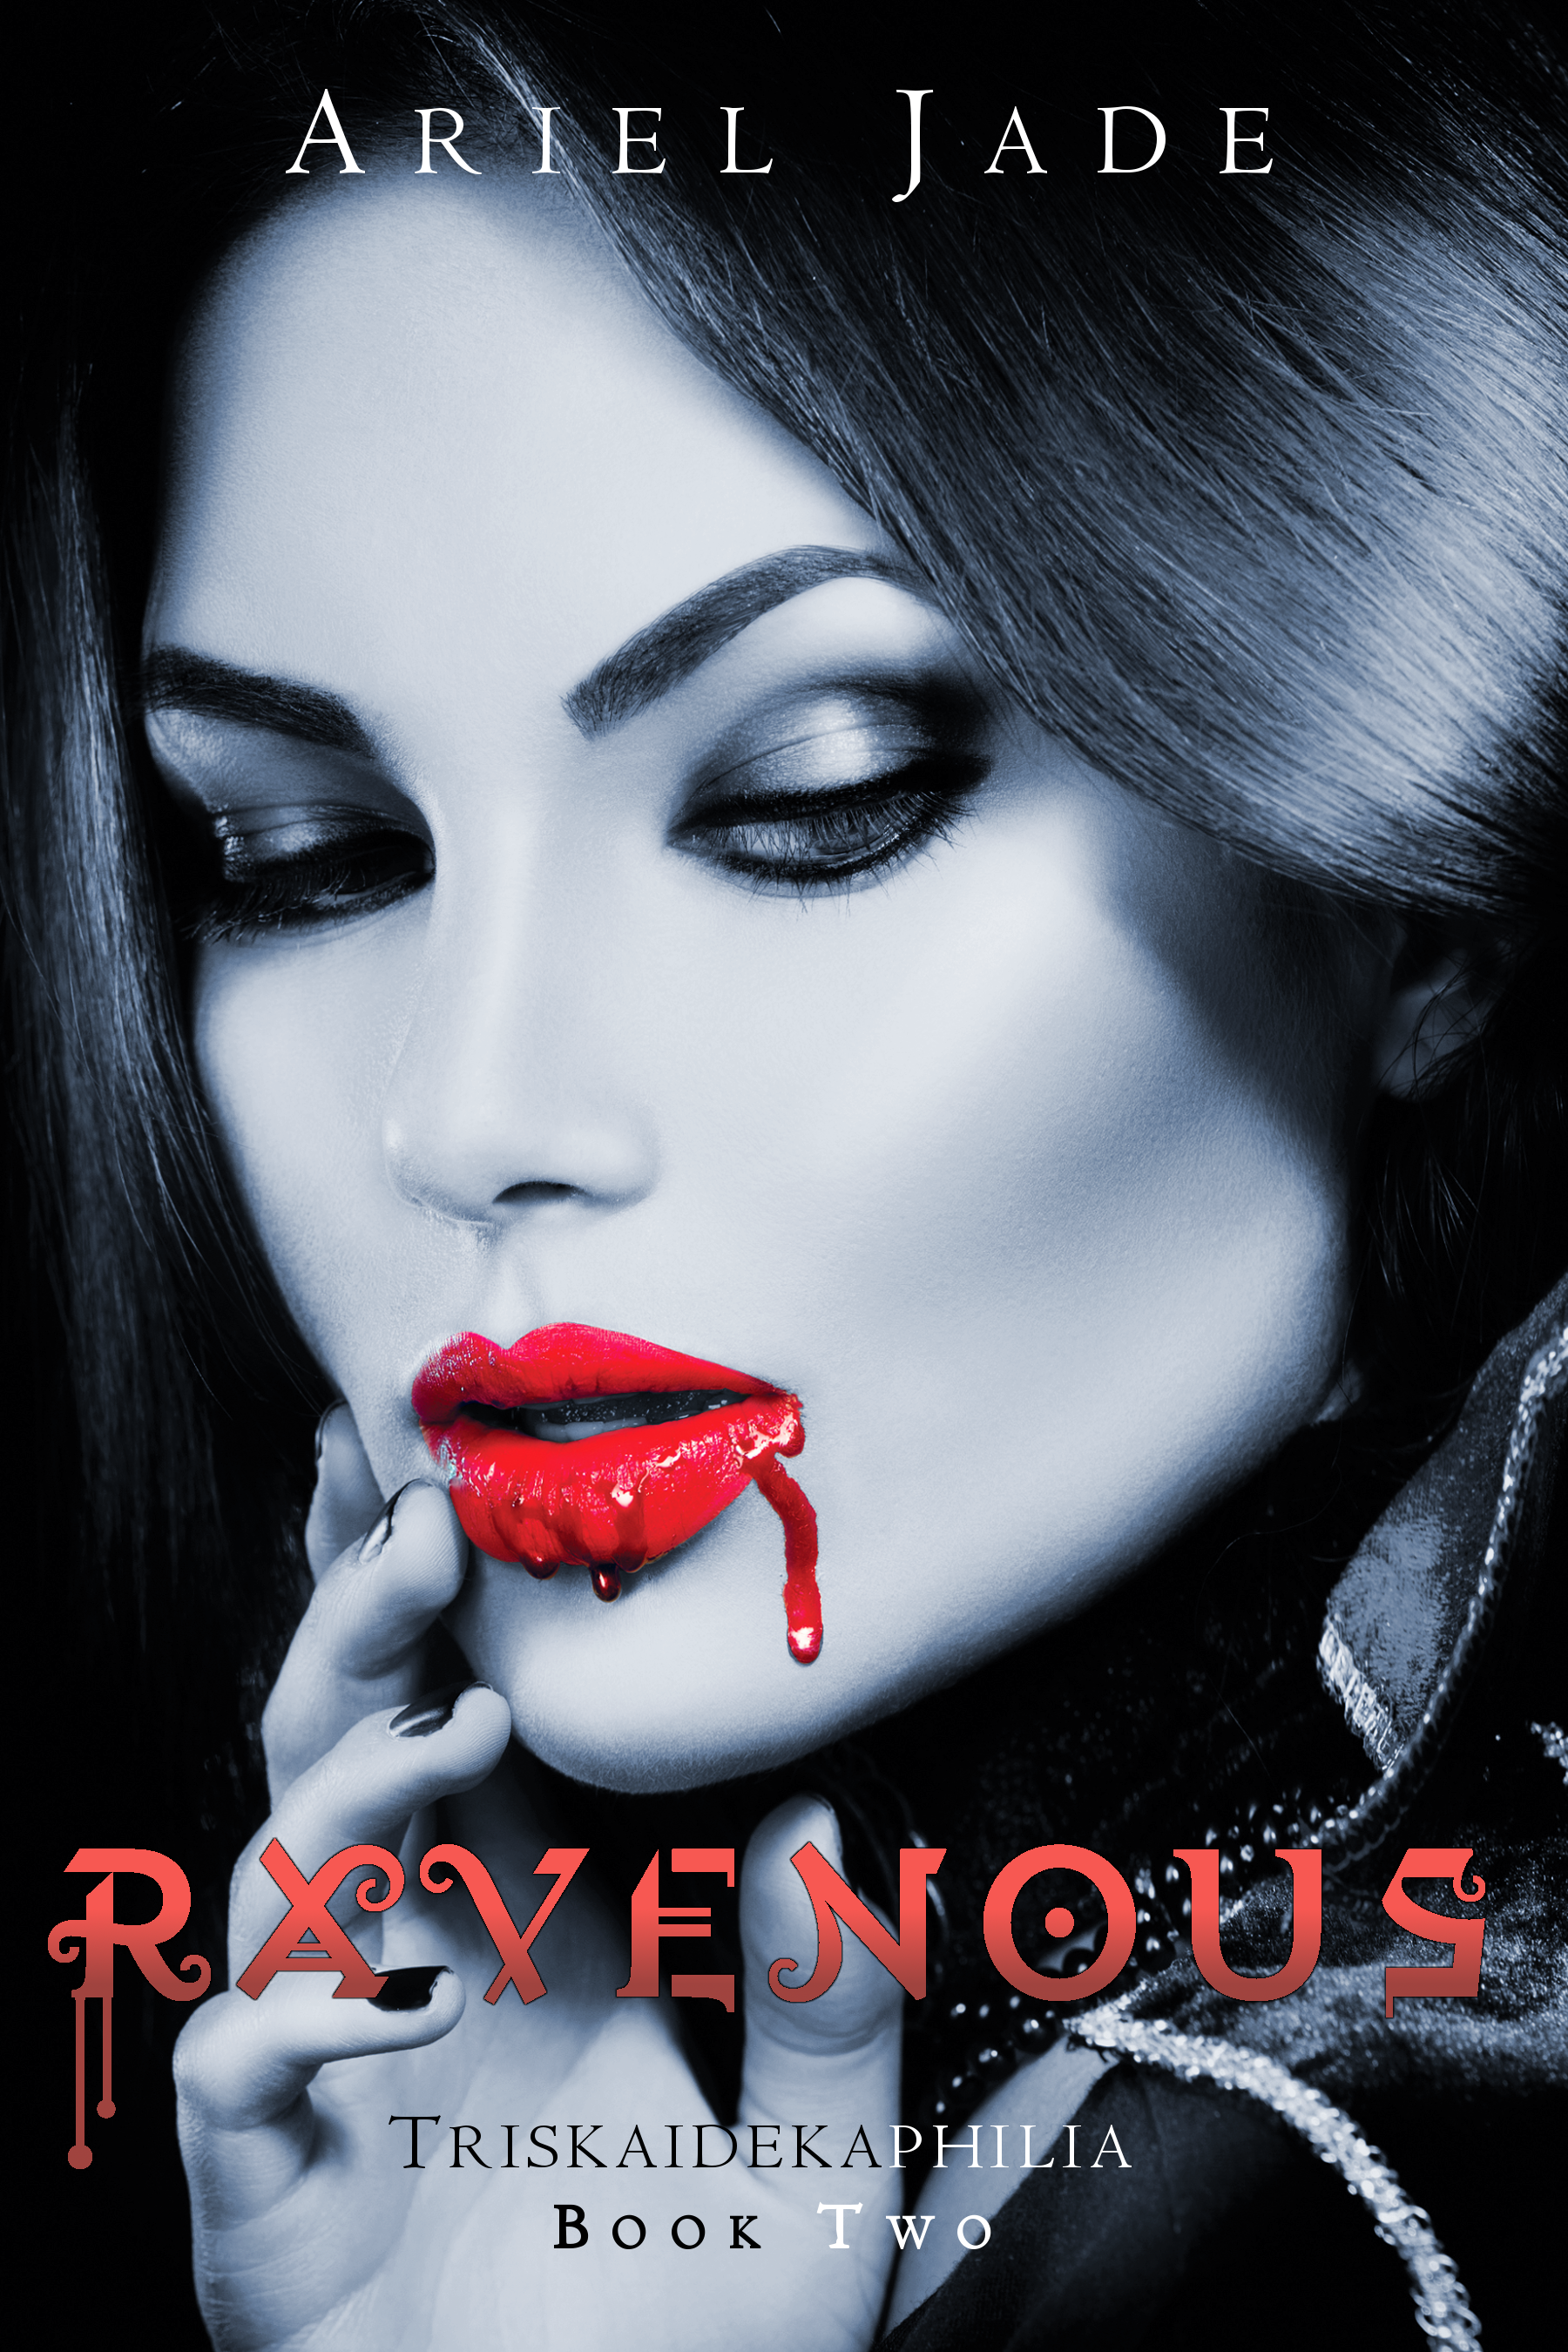 vampires, romance, dark